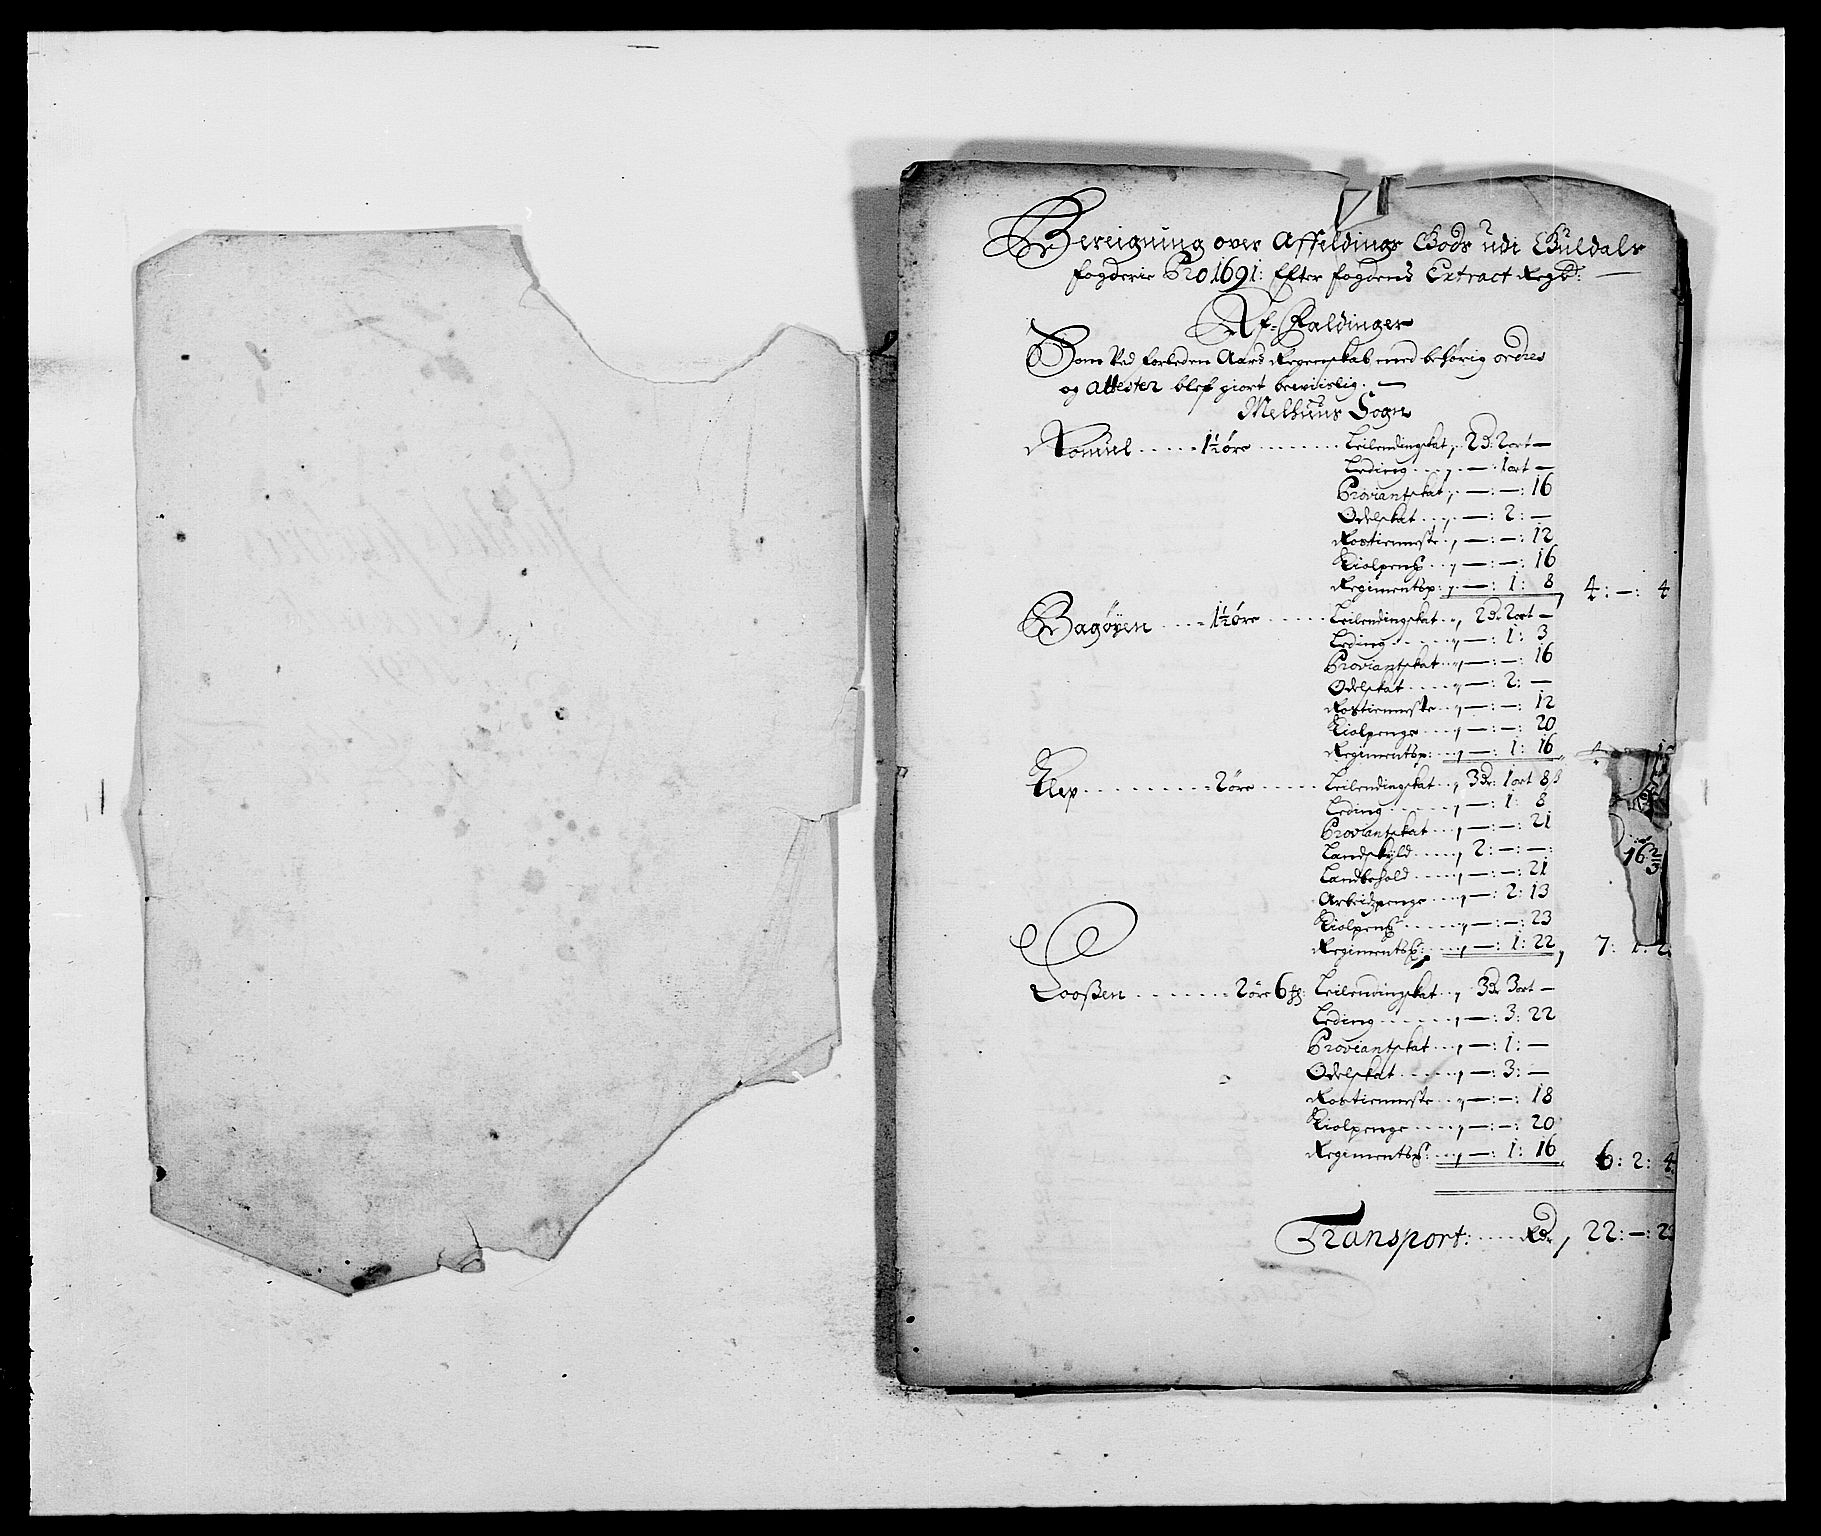 RA, Rentekammeret inntil 1814, Reviderte regnskaper, Fogderegnskap, R59/L3941: Fogderegnskap Gauldal, 1691, s. 271